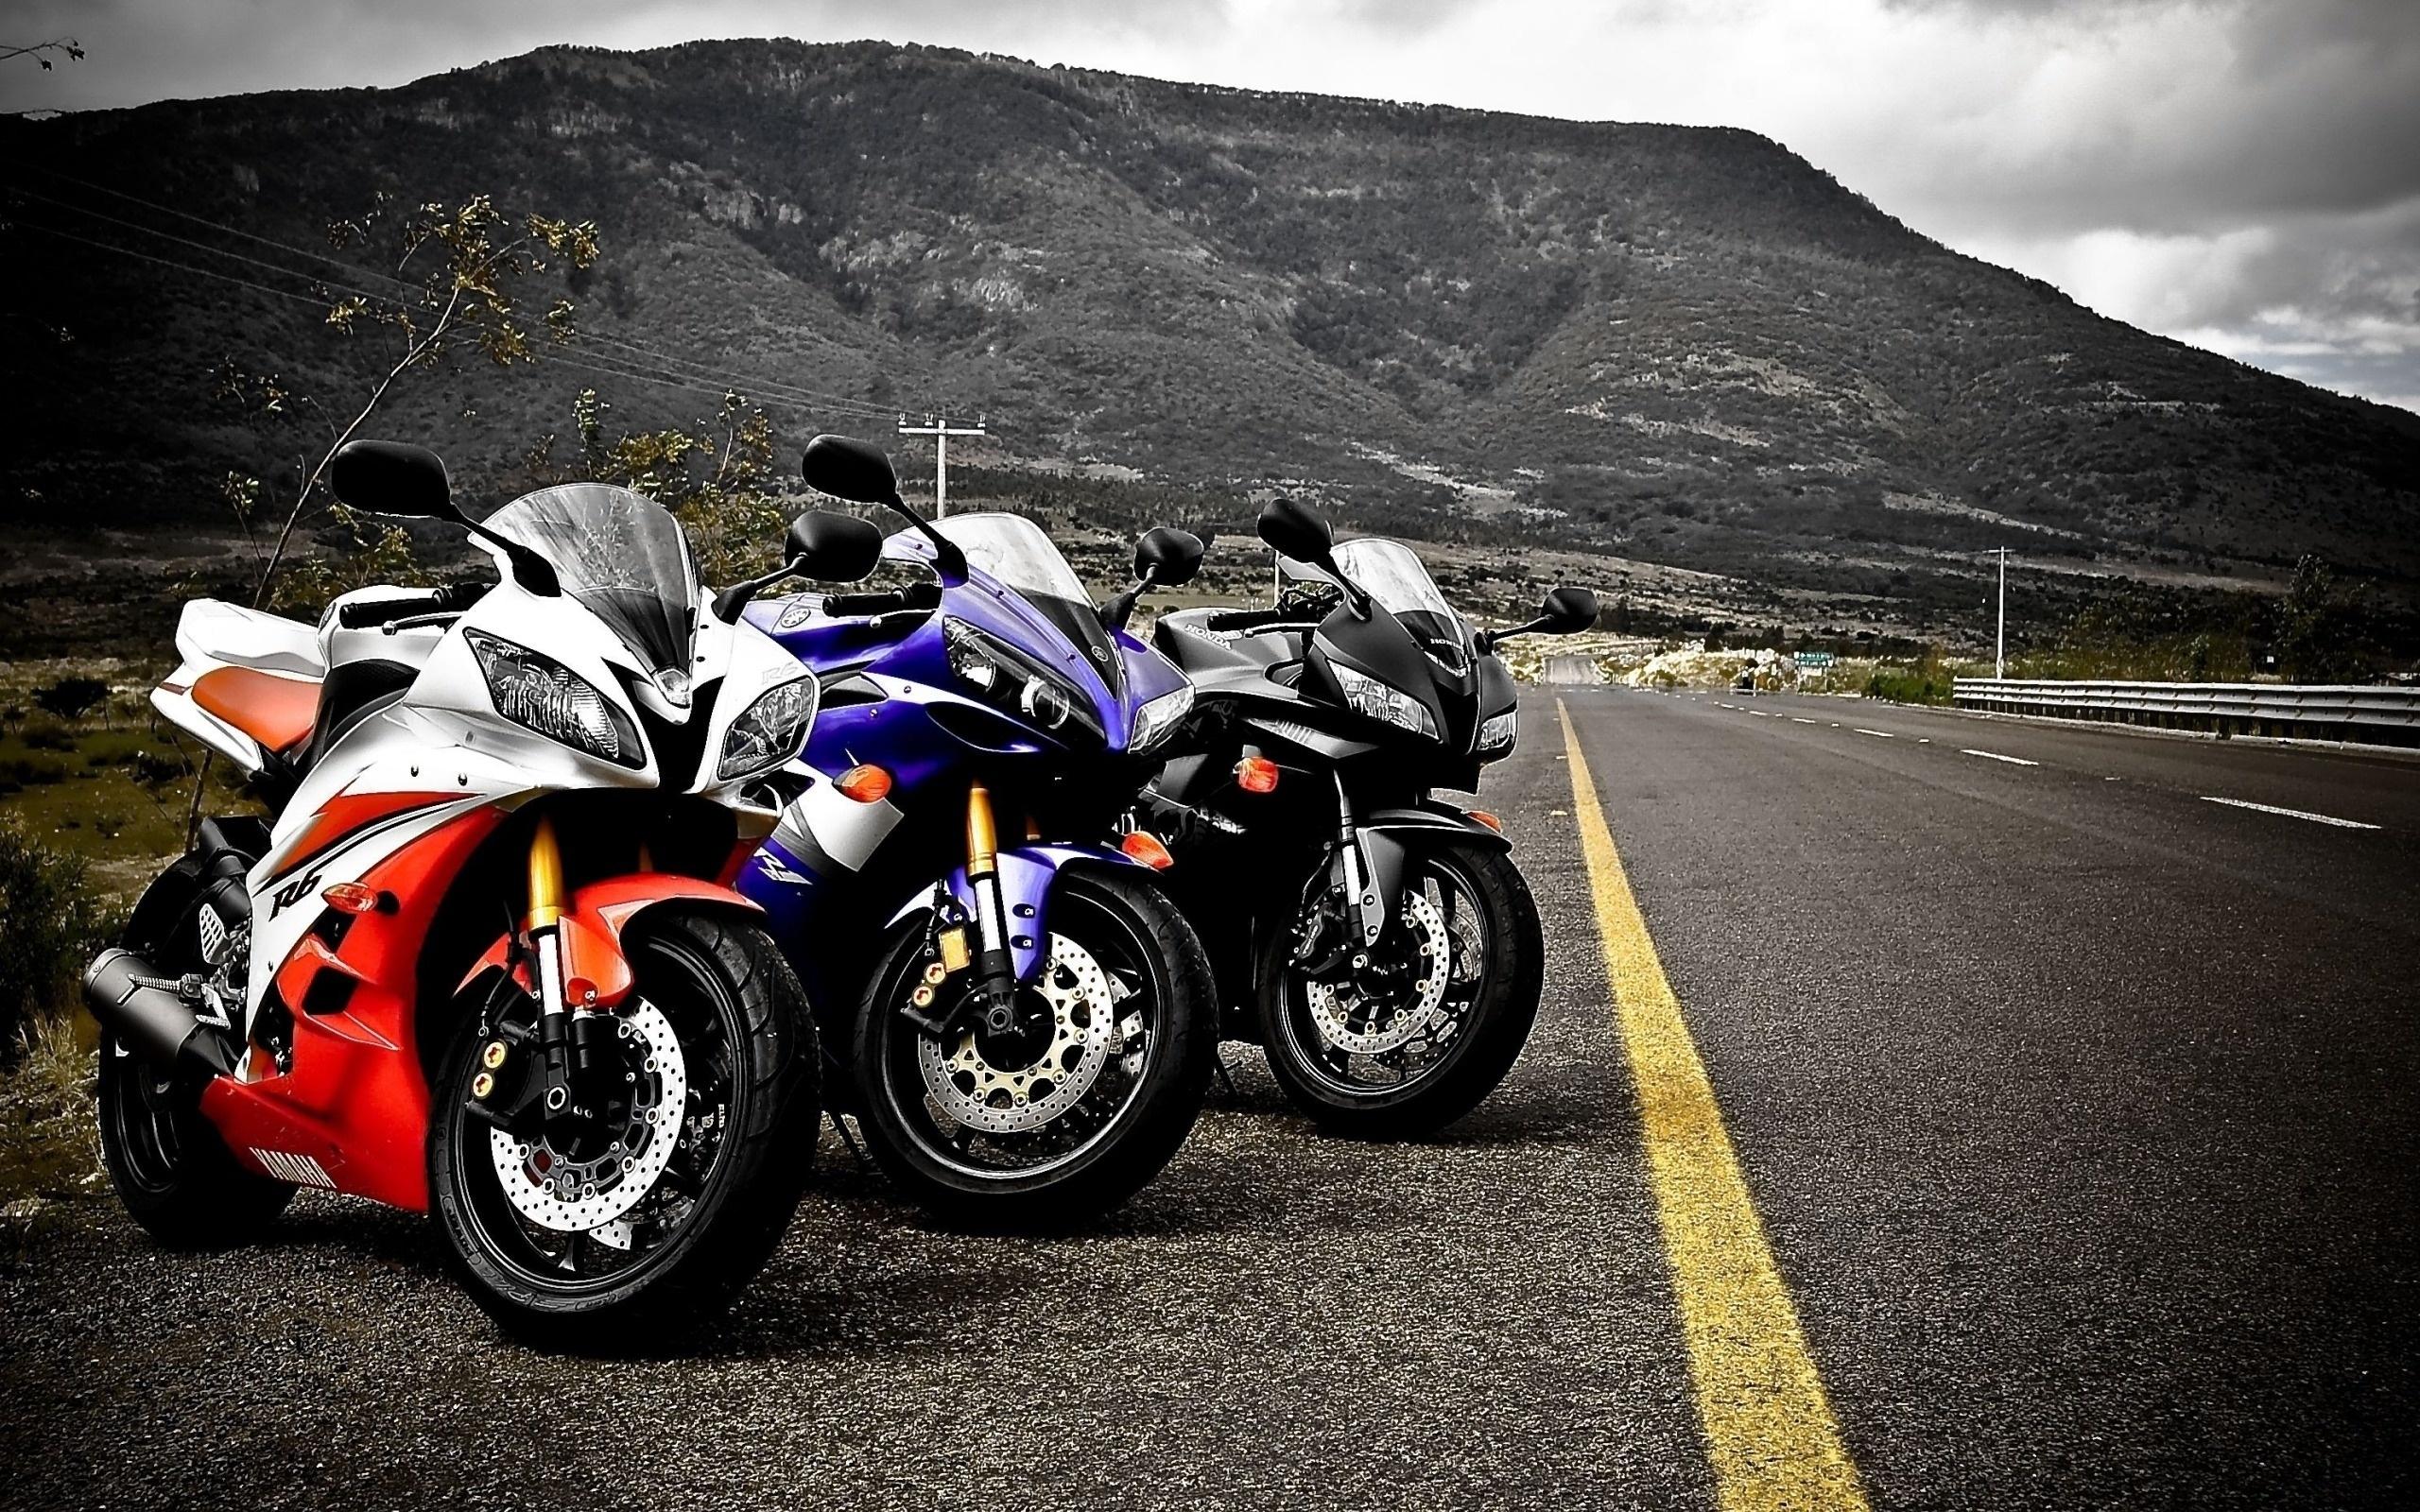 48912 скачать обои Транспорт, Мотоциклы, Пейзаж, Дороги, Горы - заставки и картинки бесплатно